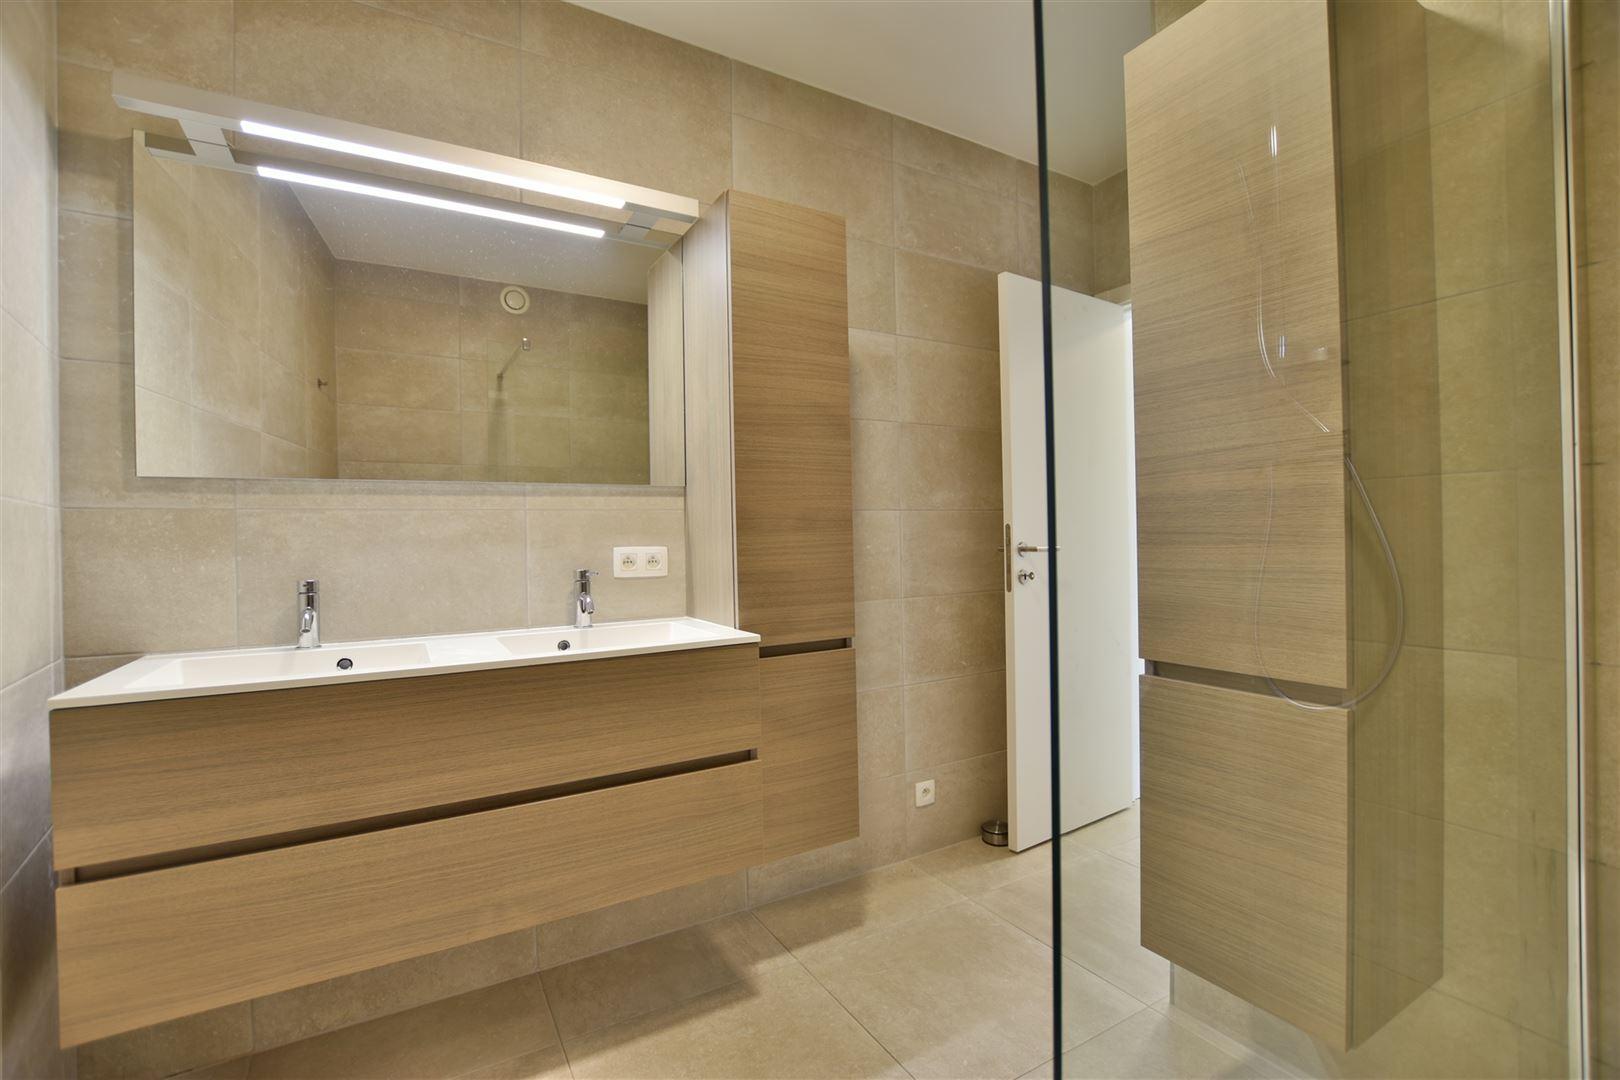 Foto 16 : Appartement te 9200 OUDEGEM (België) - Prijs € 830